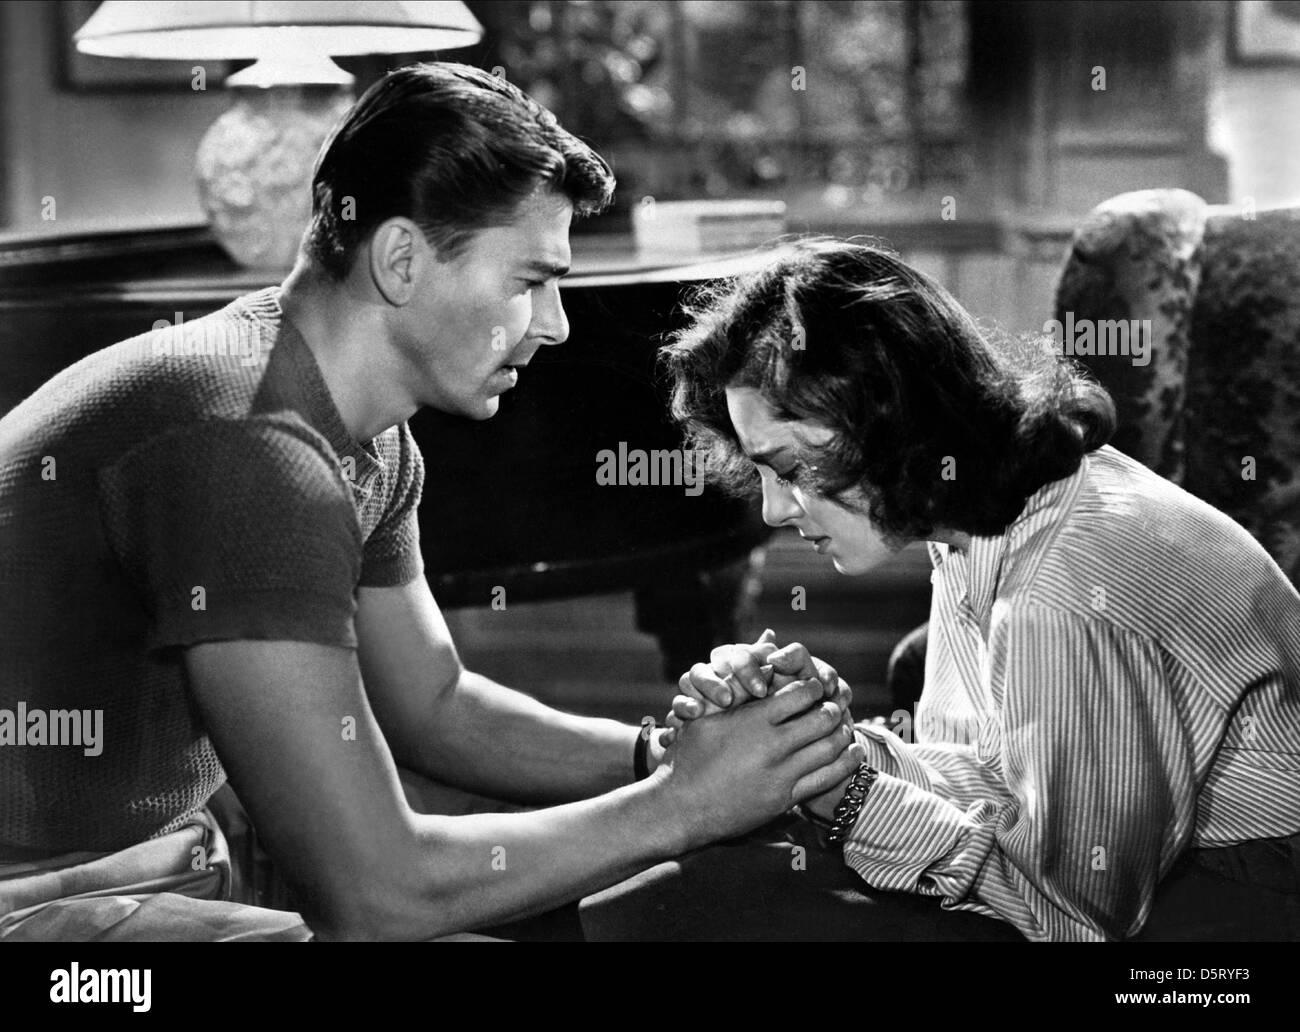 RONALD REAGAN, VIVECA LINDFORS, la notte alla notte, 1949 Immagini Stock